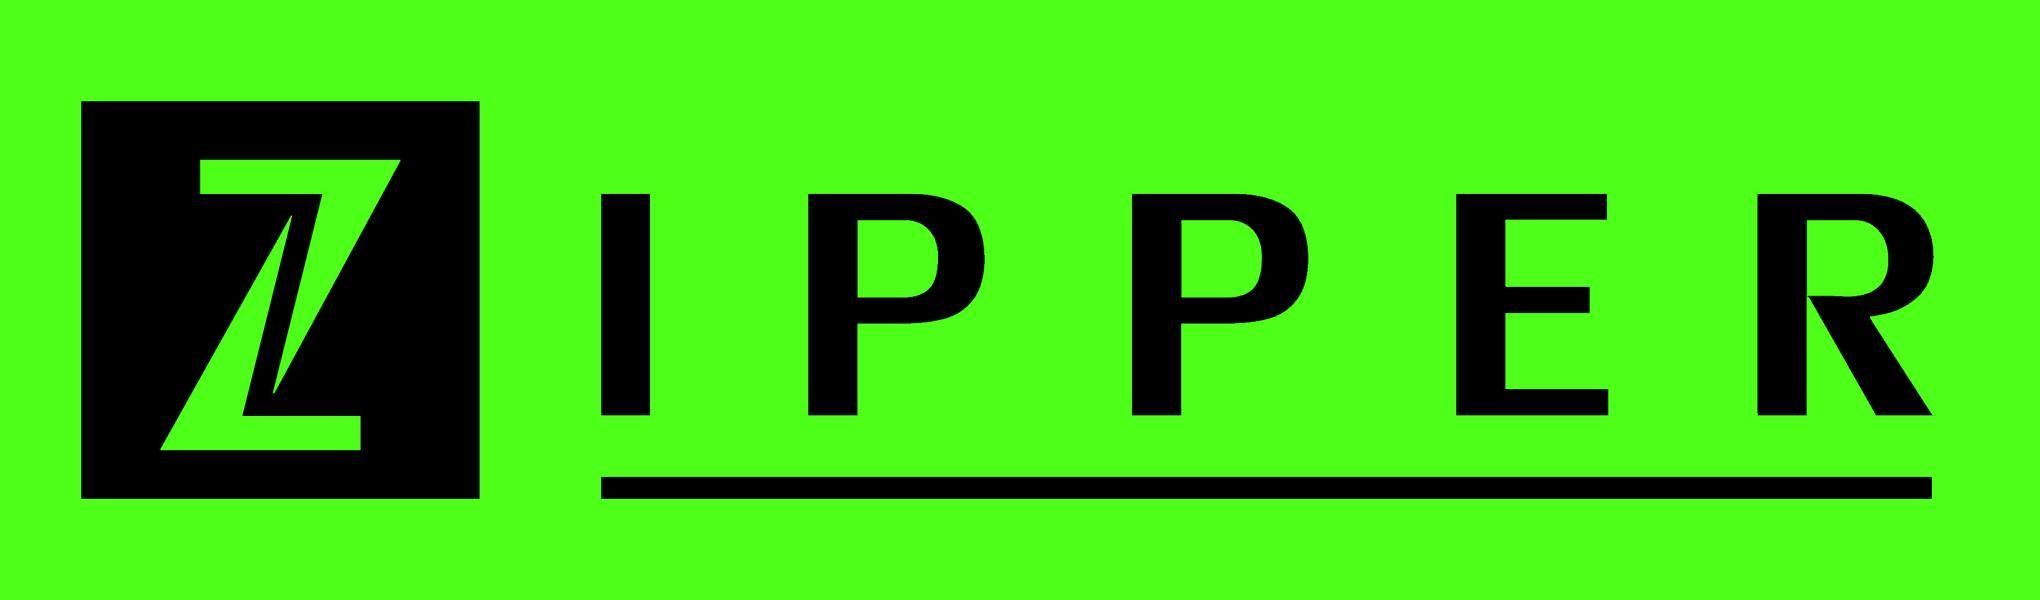 Zipper Logo